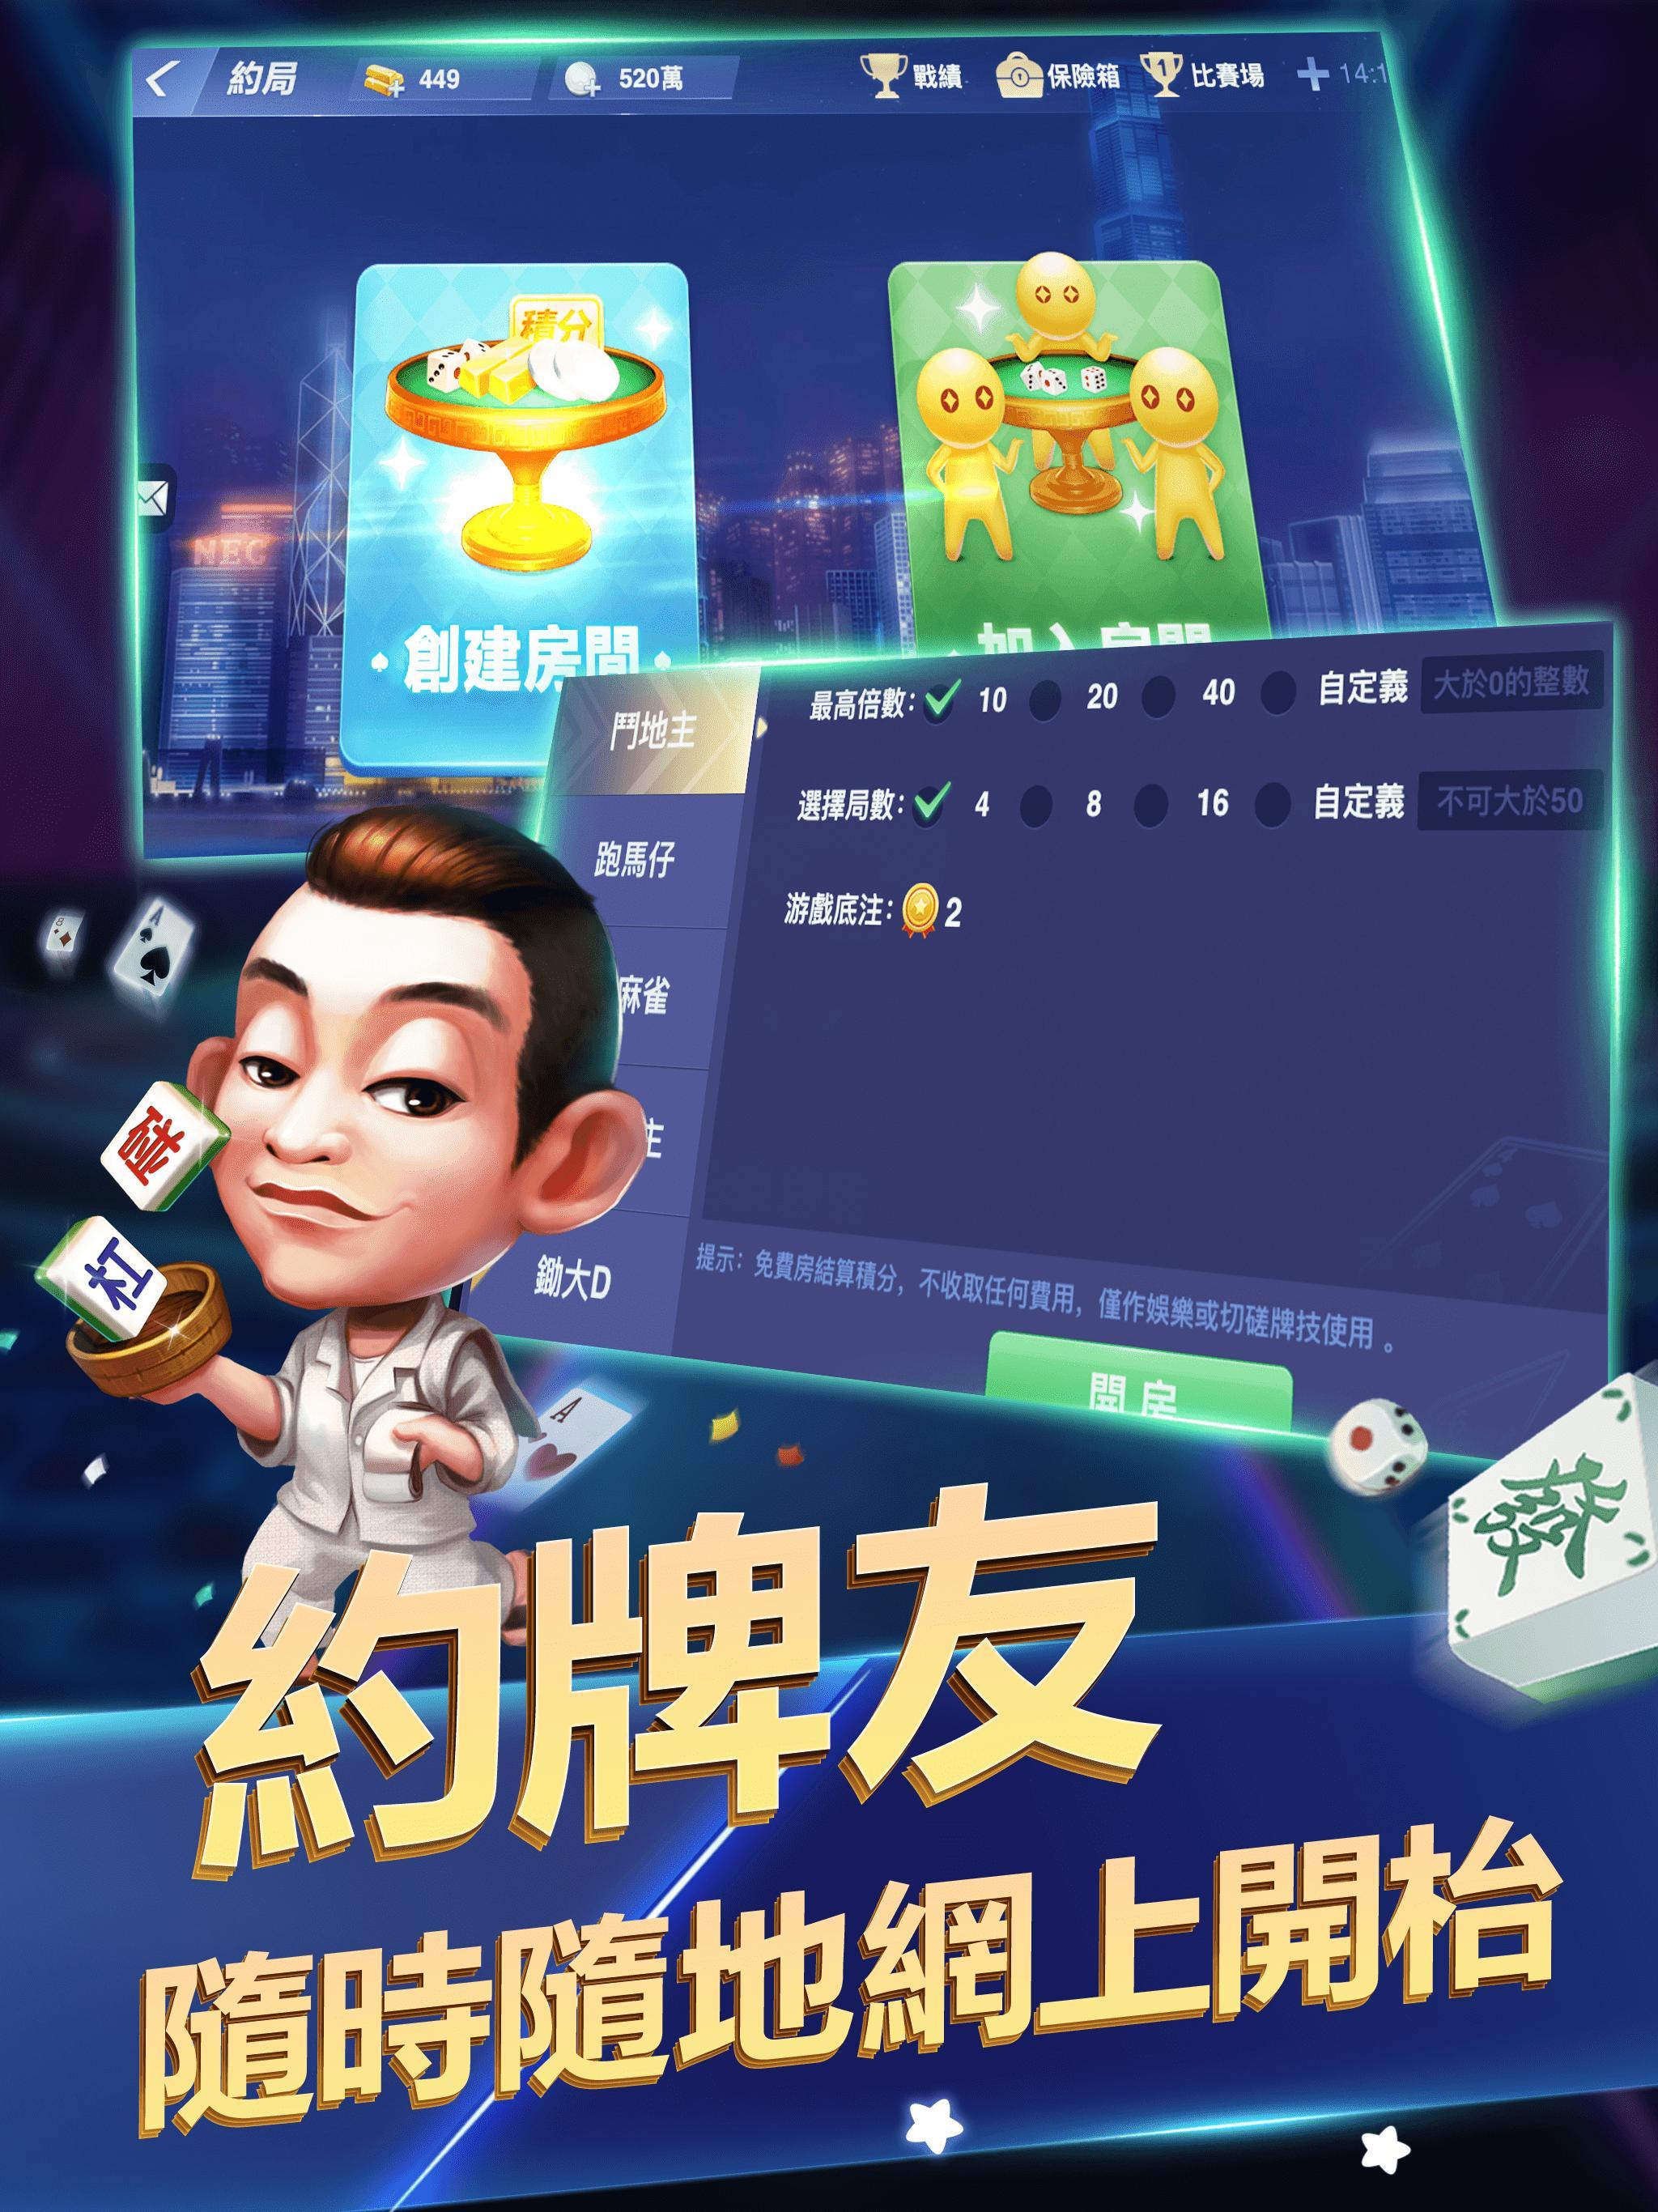 開心鬥一番 港式麻雀 跑馬仔 鋤大D等5 IN 1 3.6.4 Screenshot 8